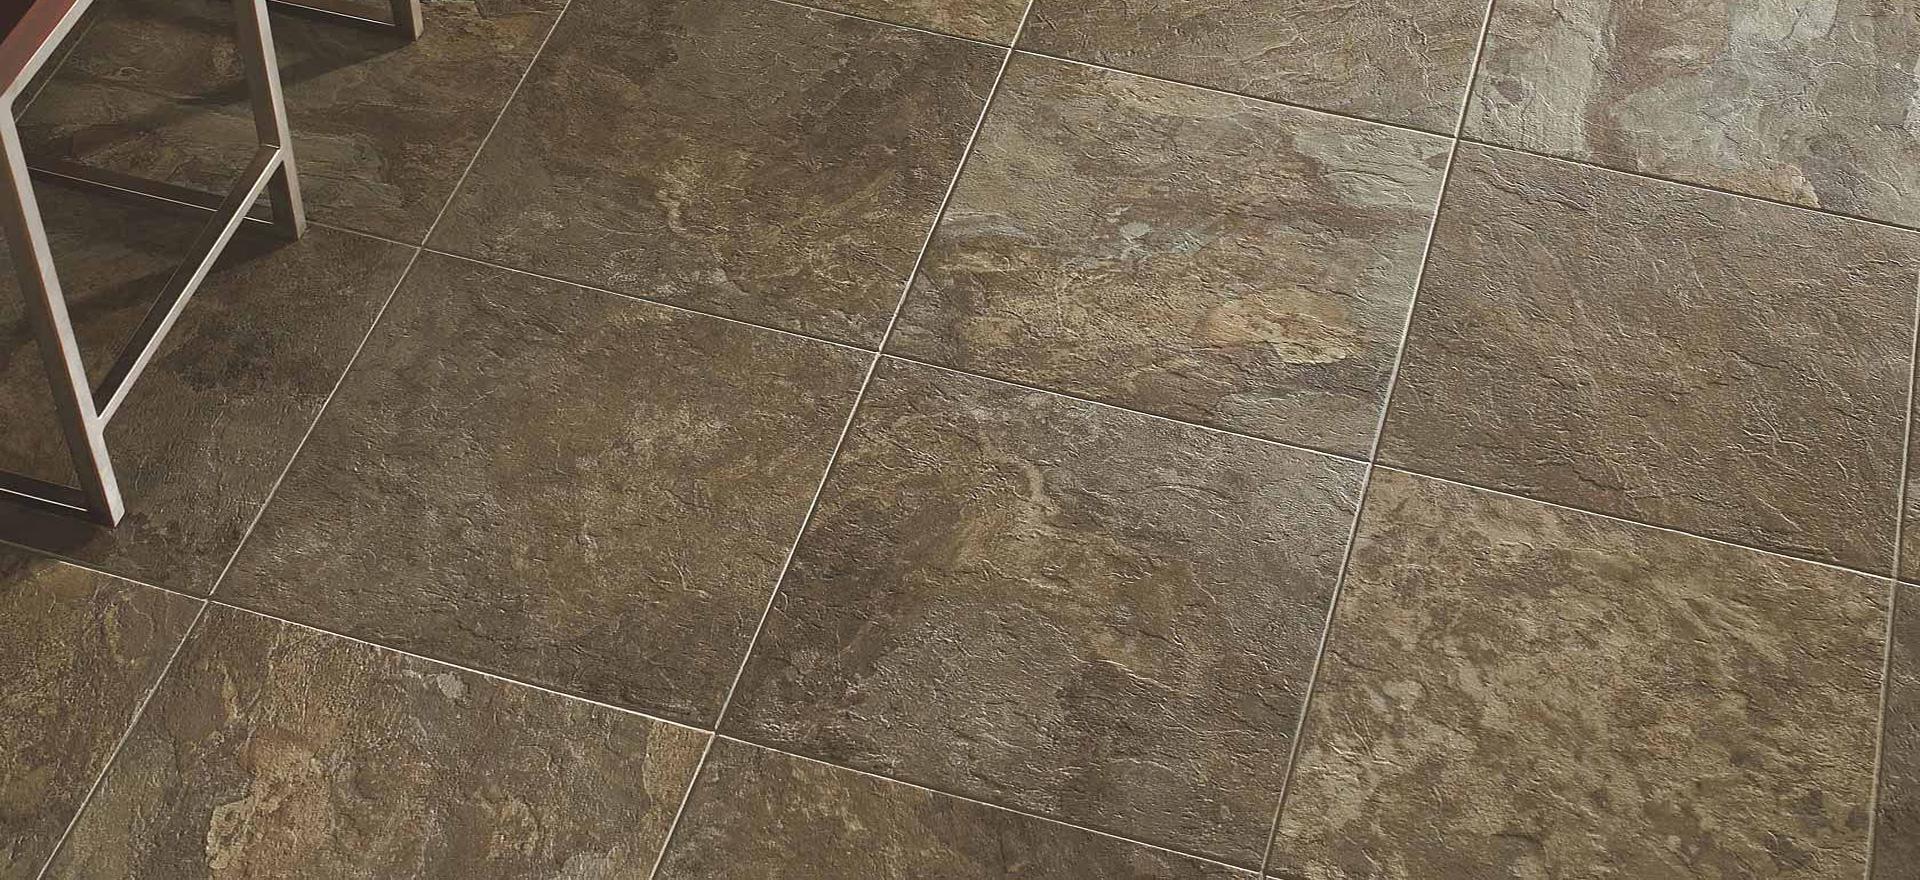 Brainerd Tile - Ceramic, Stone & More